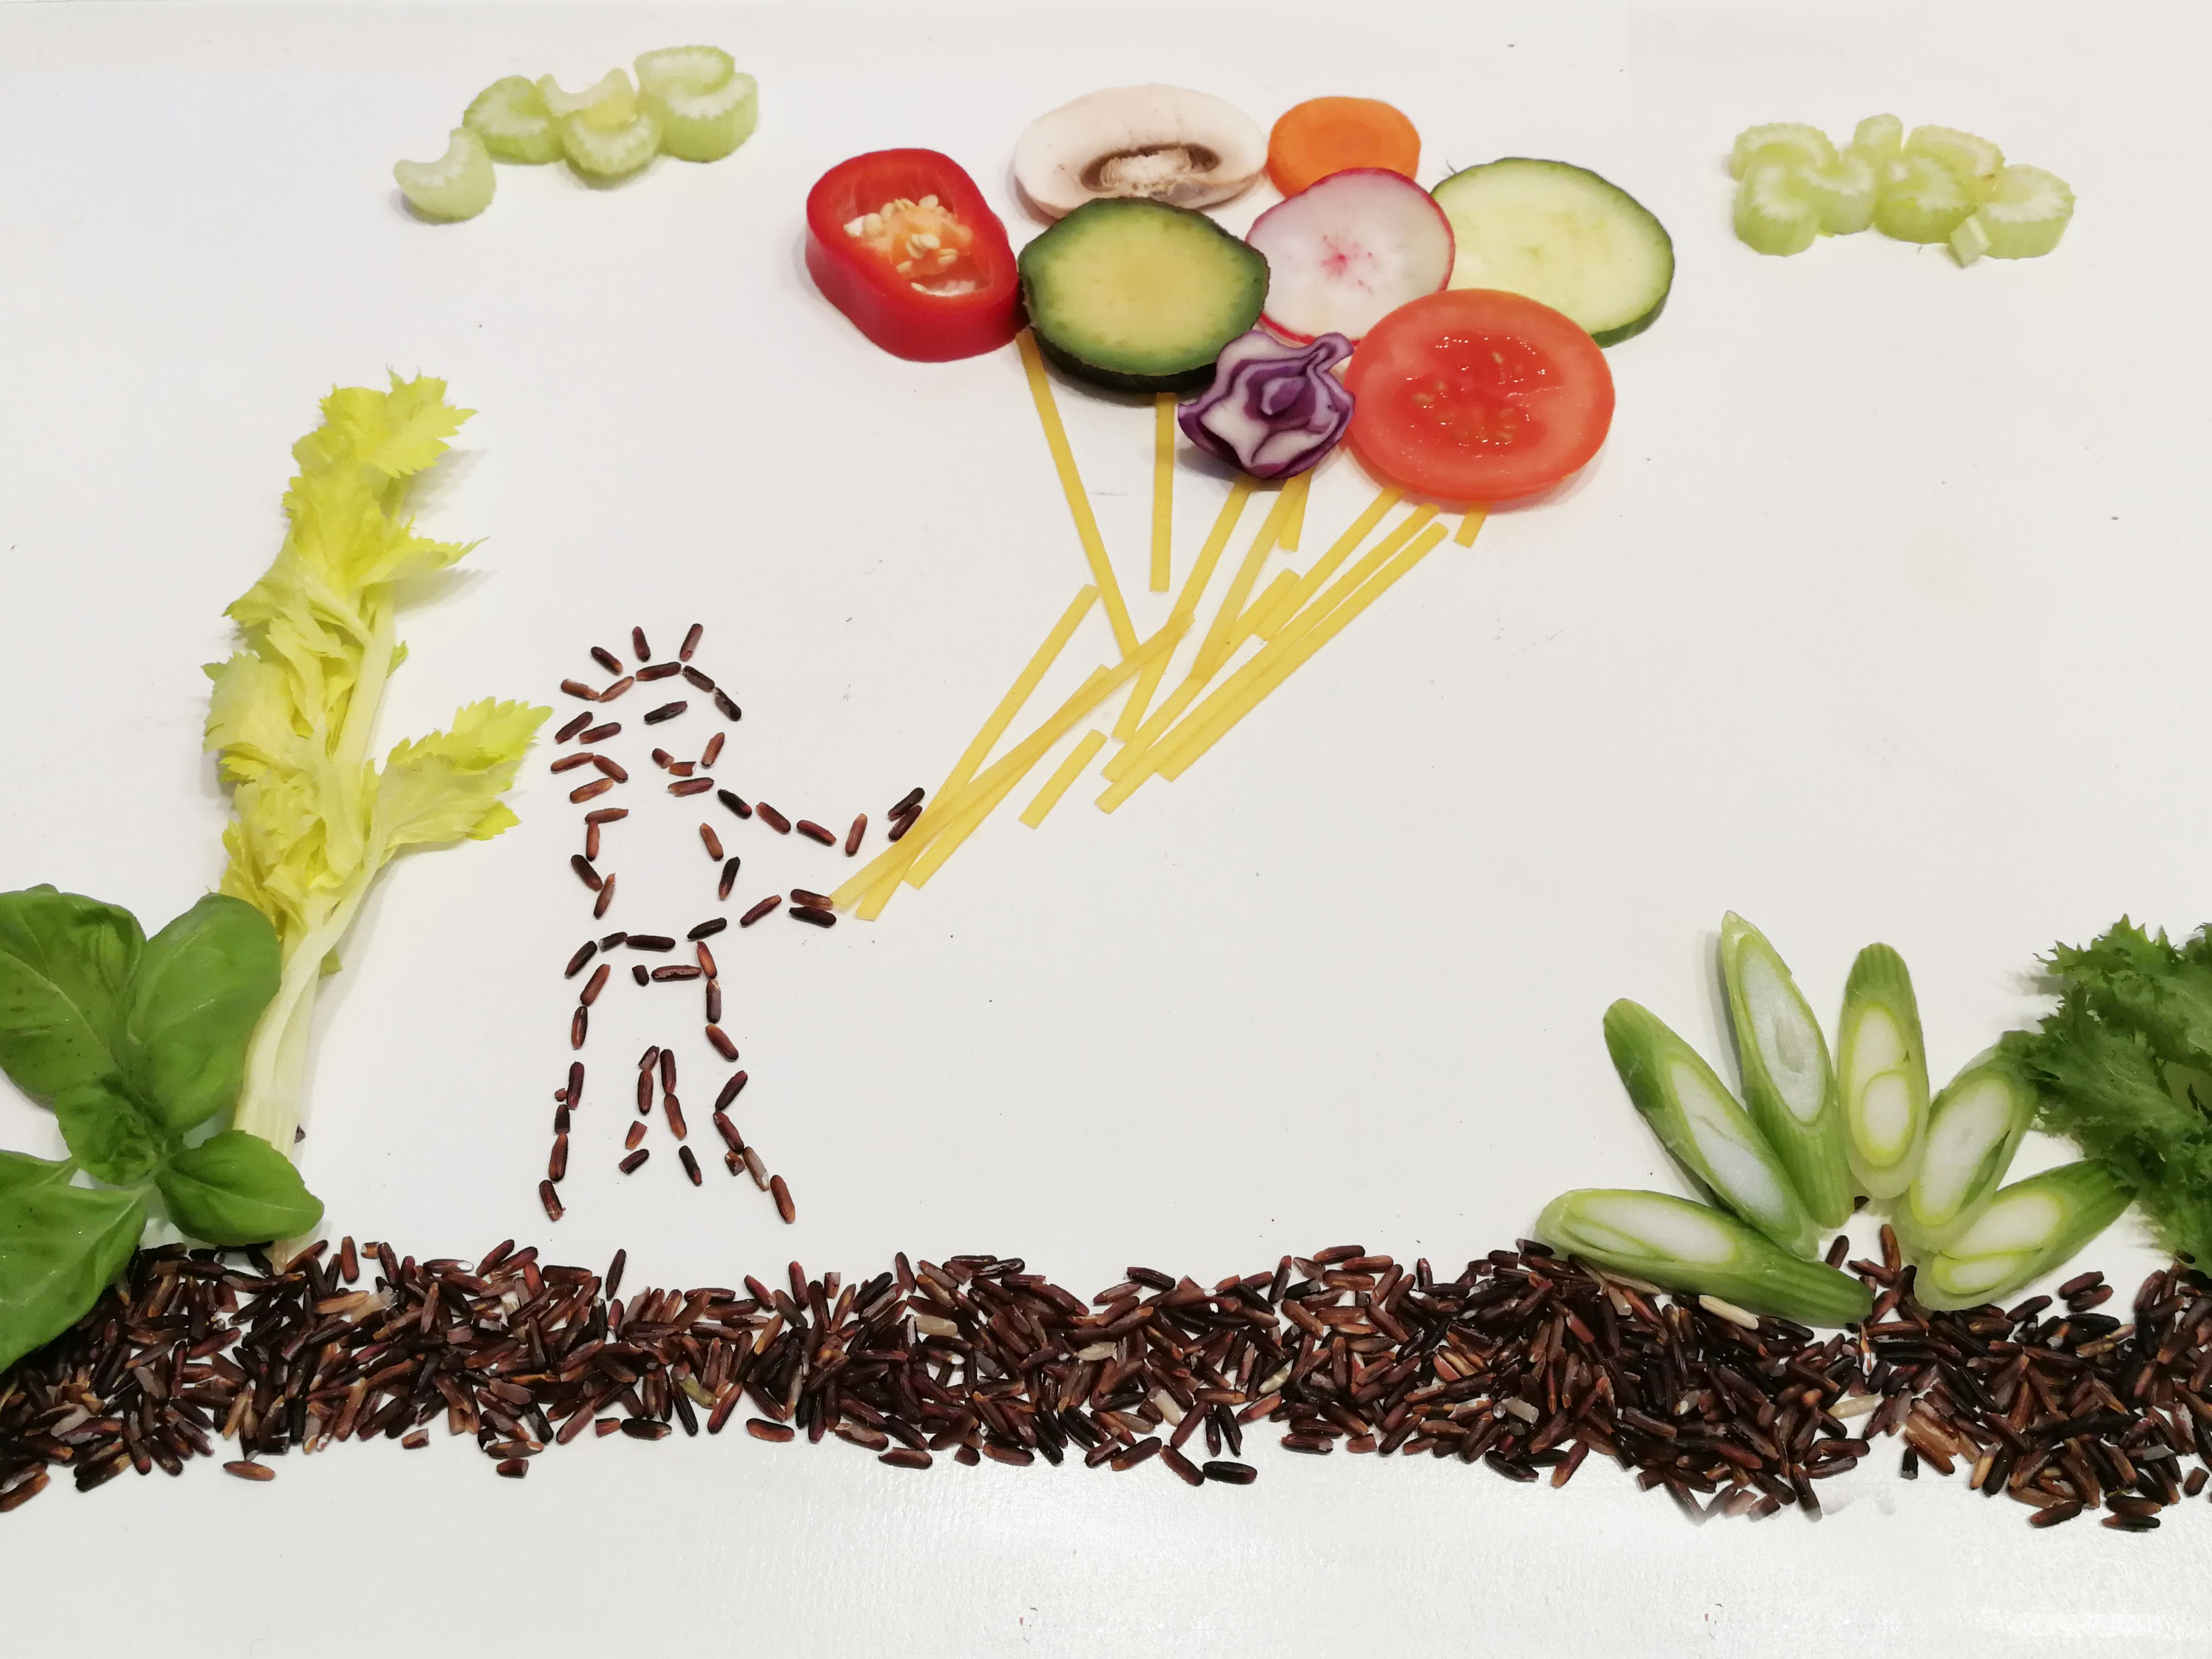 Gemüse Bild Schnabel-auf